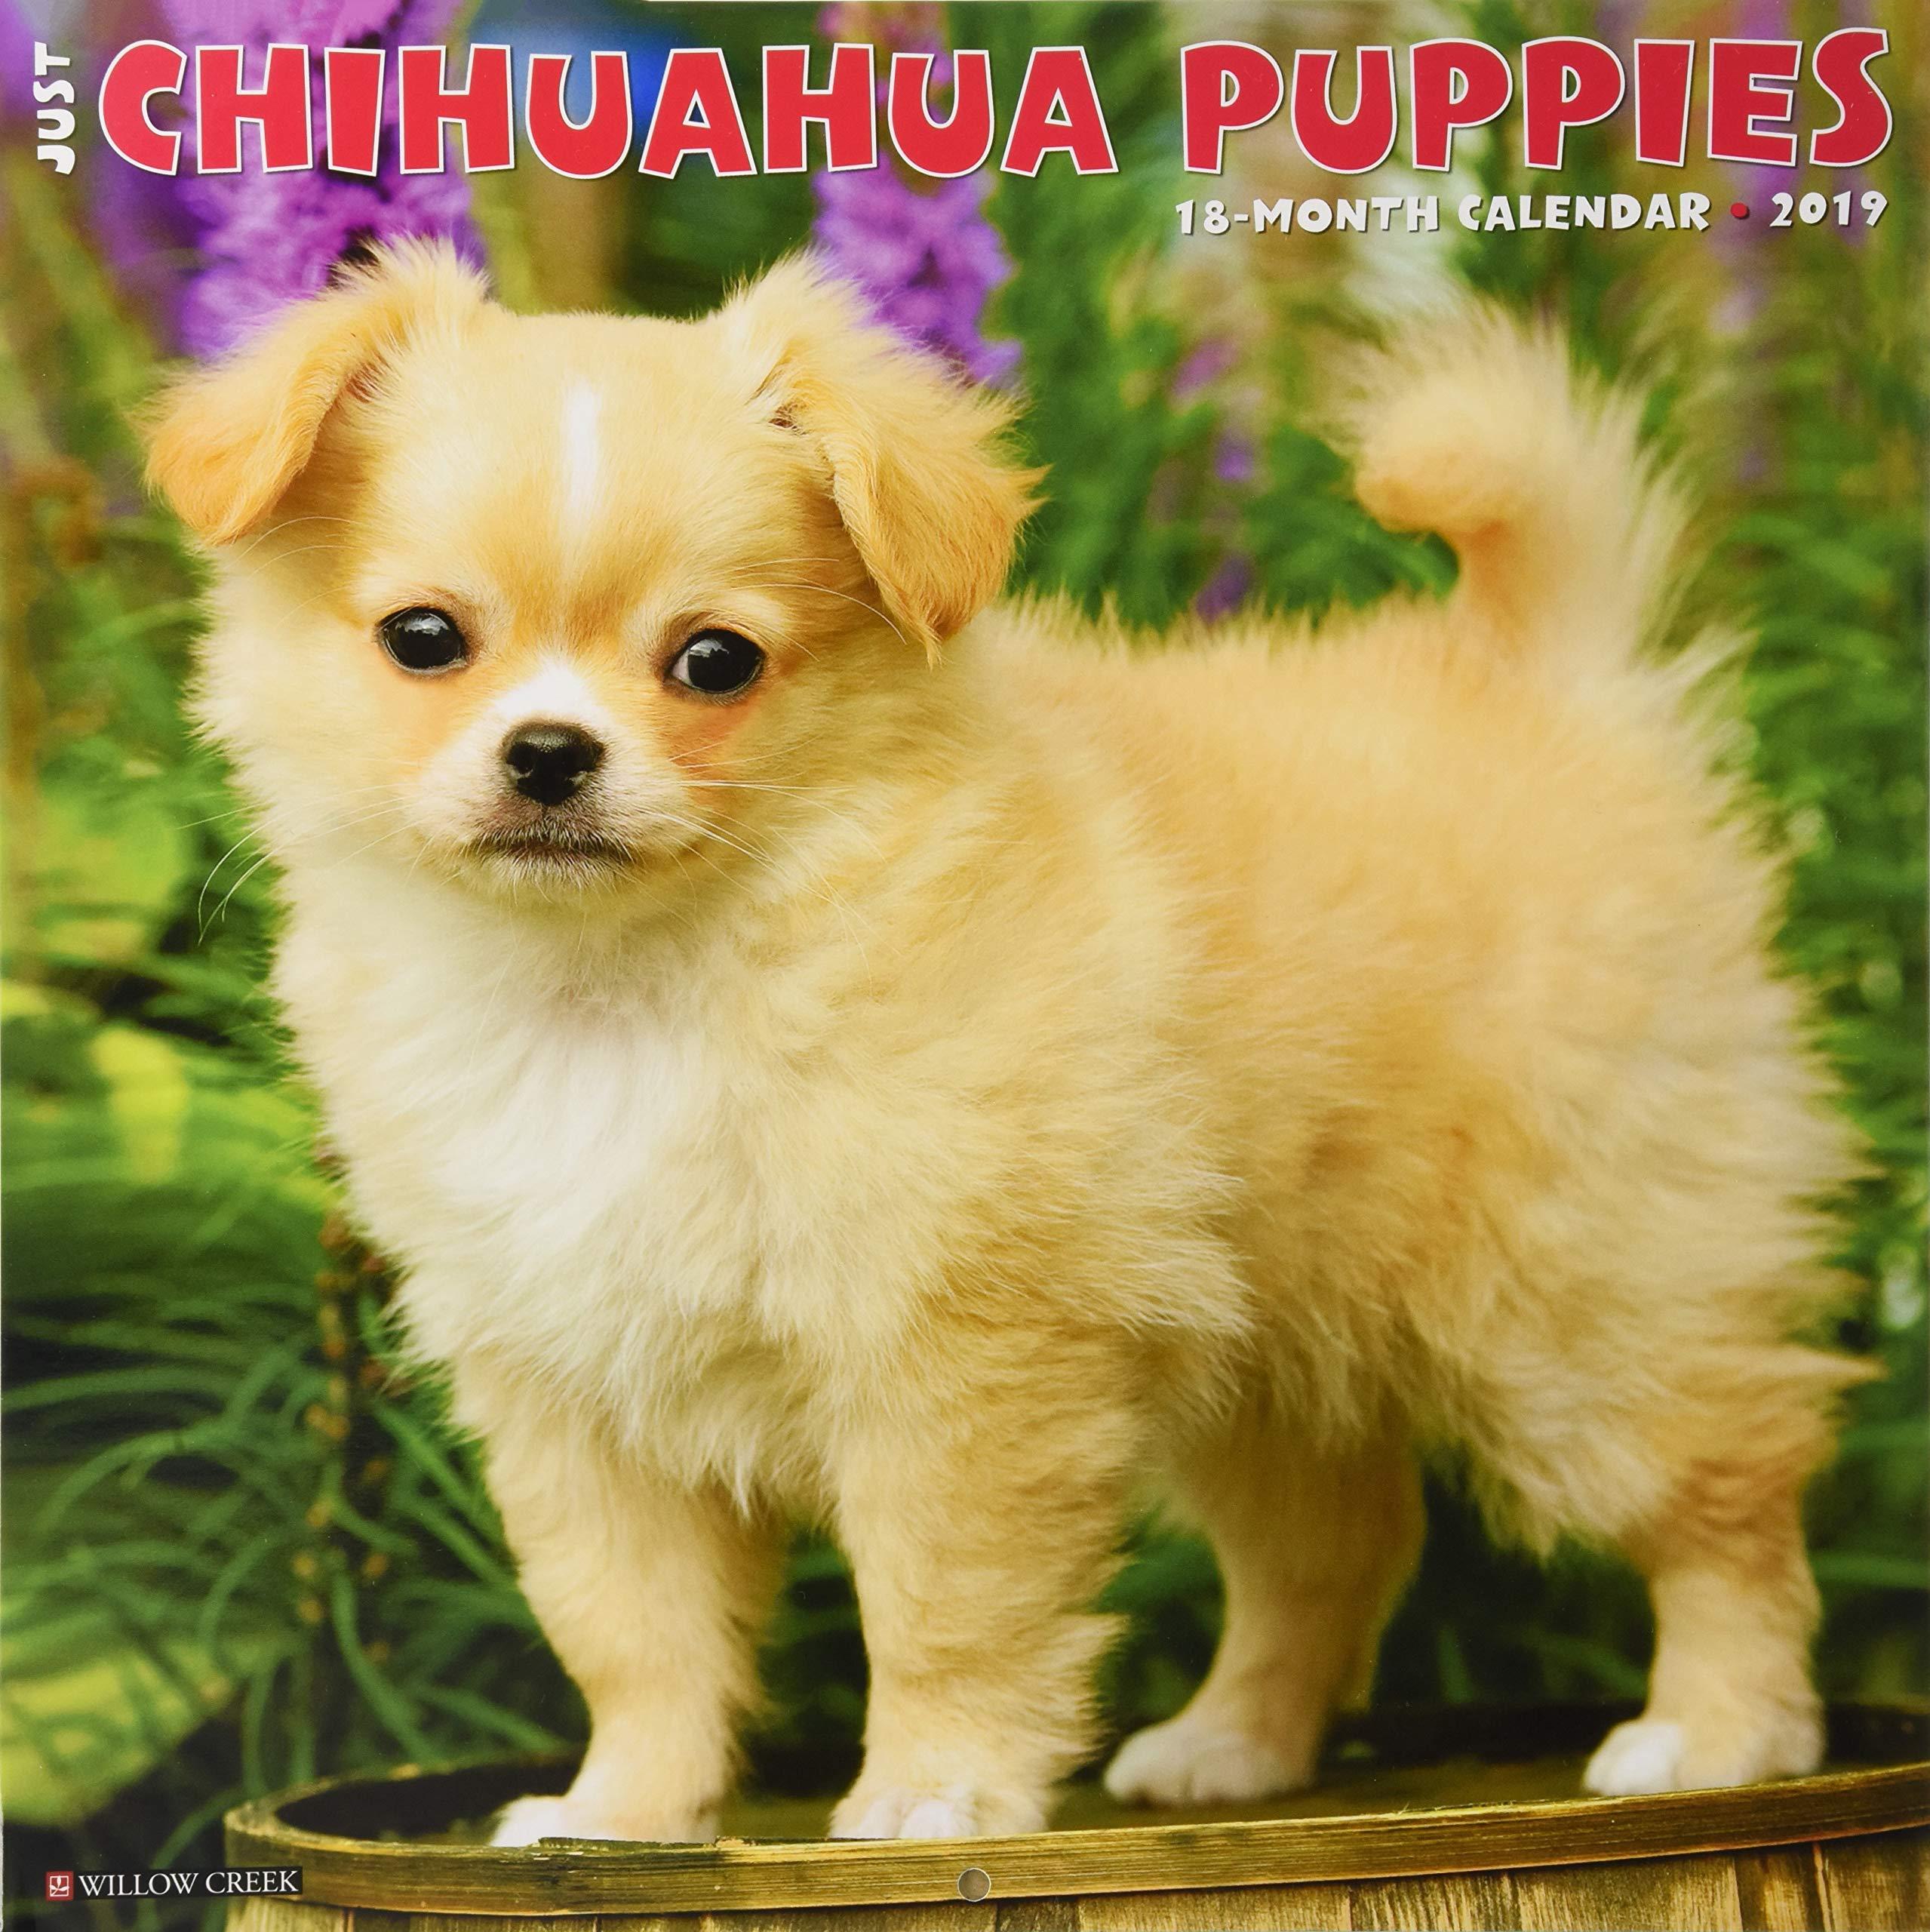 Just Chihuahua Puppies 2019 Wall Calendar (Dog Breed